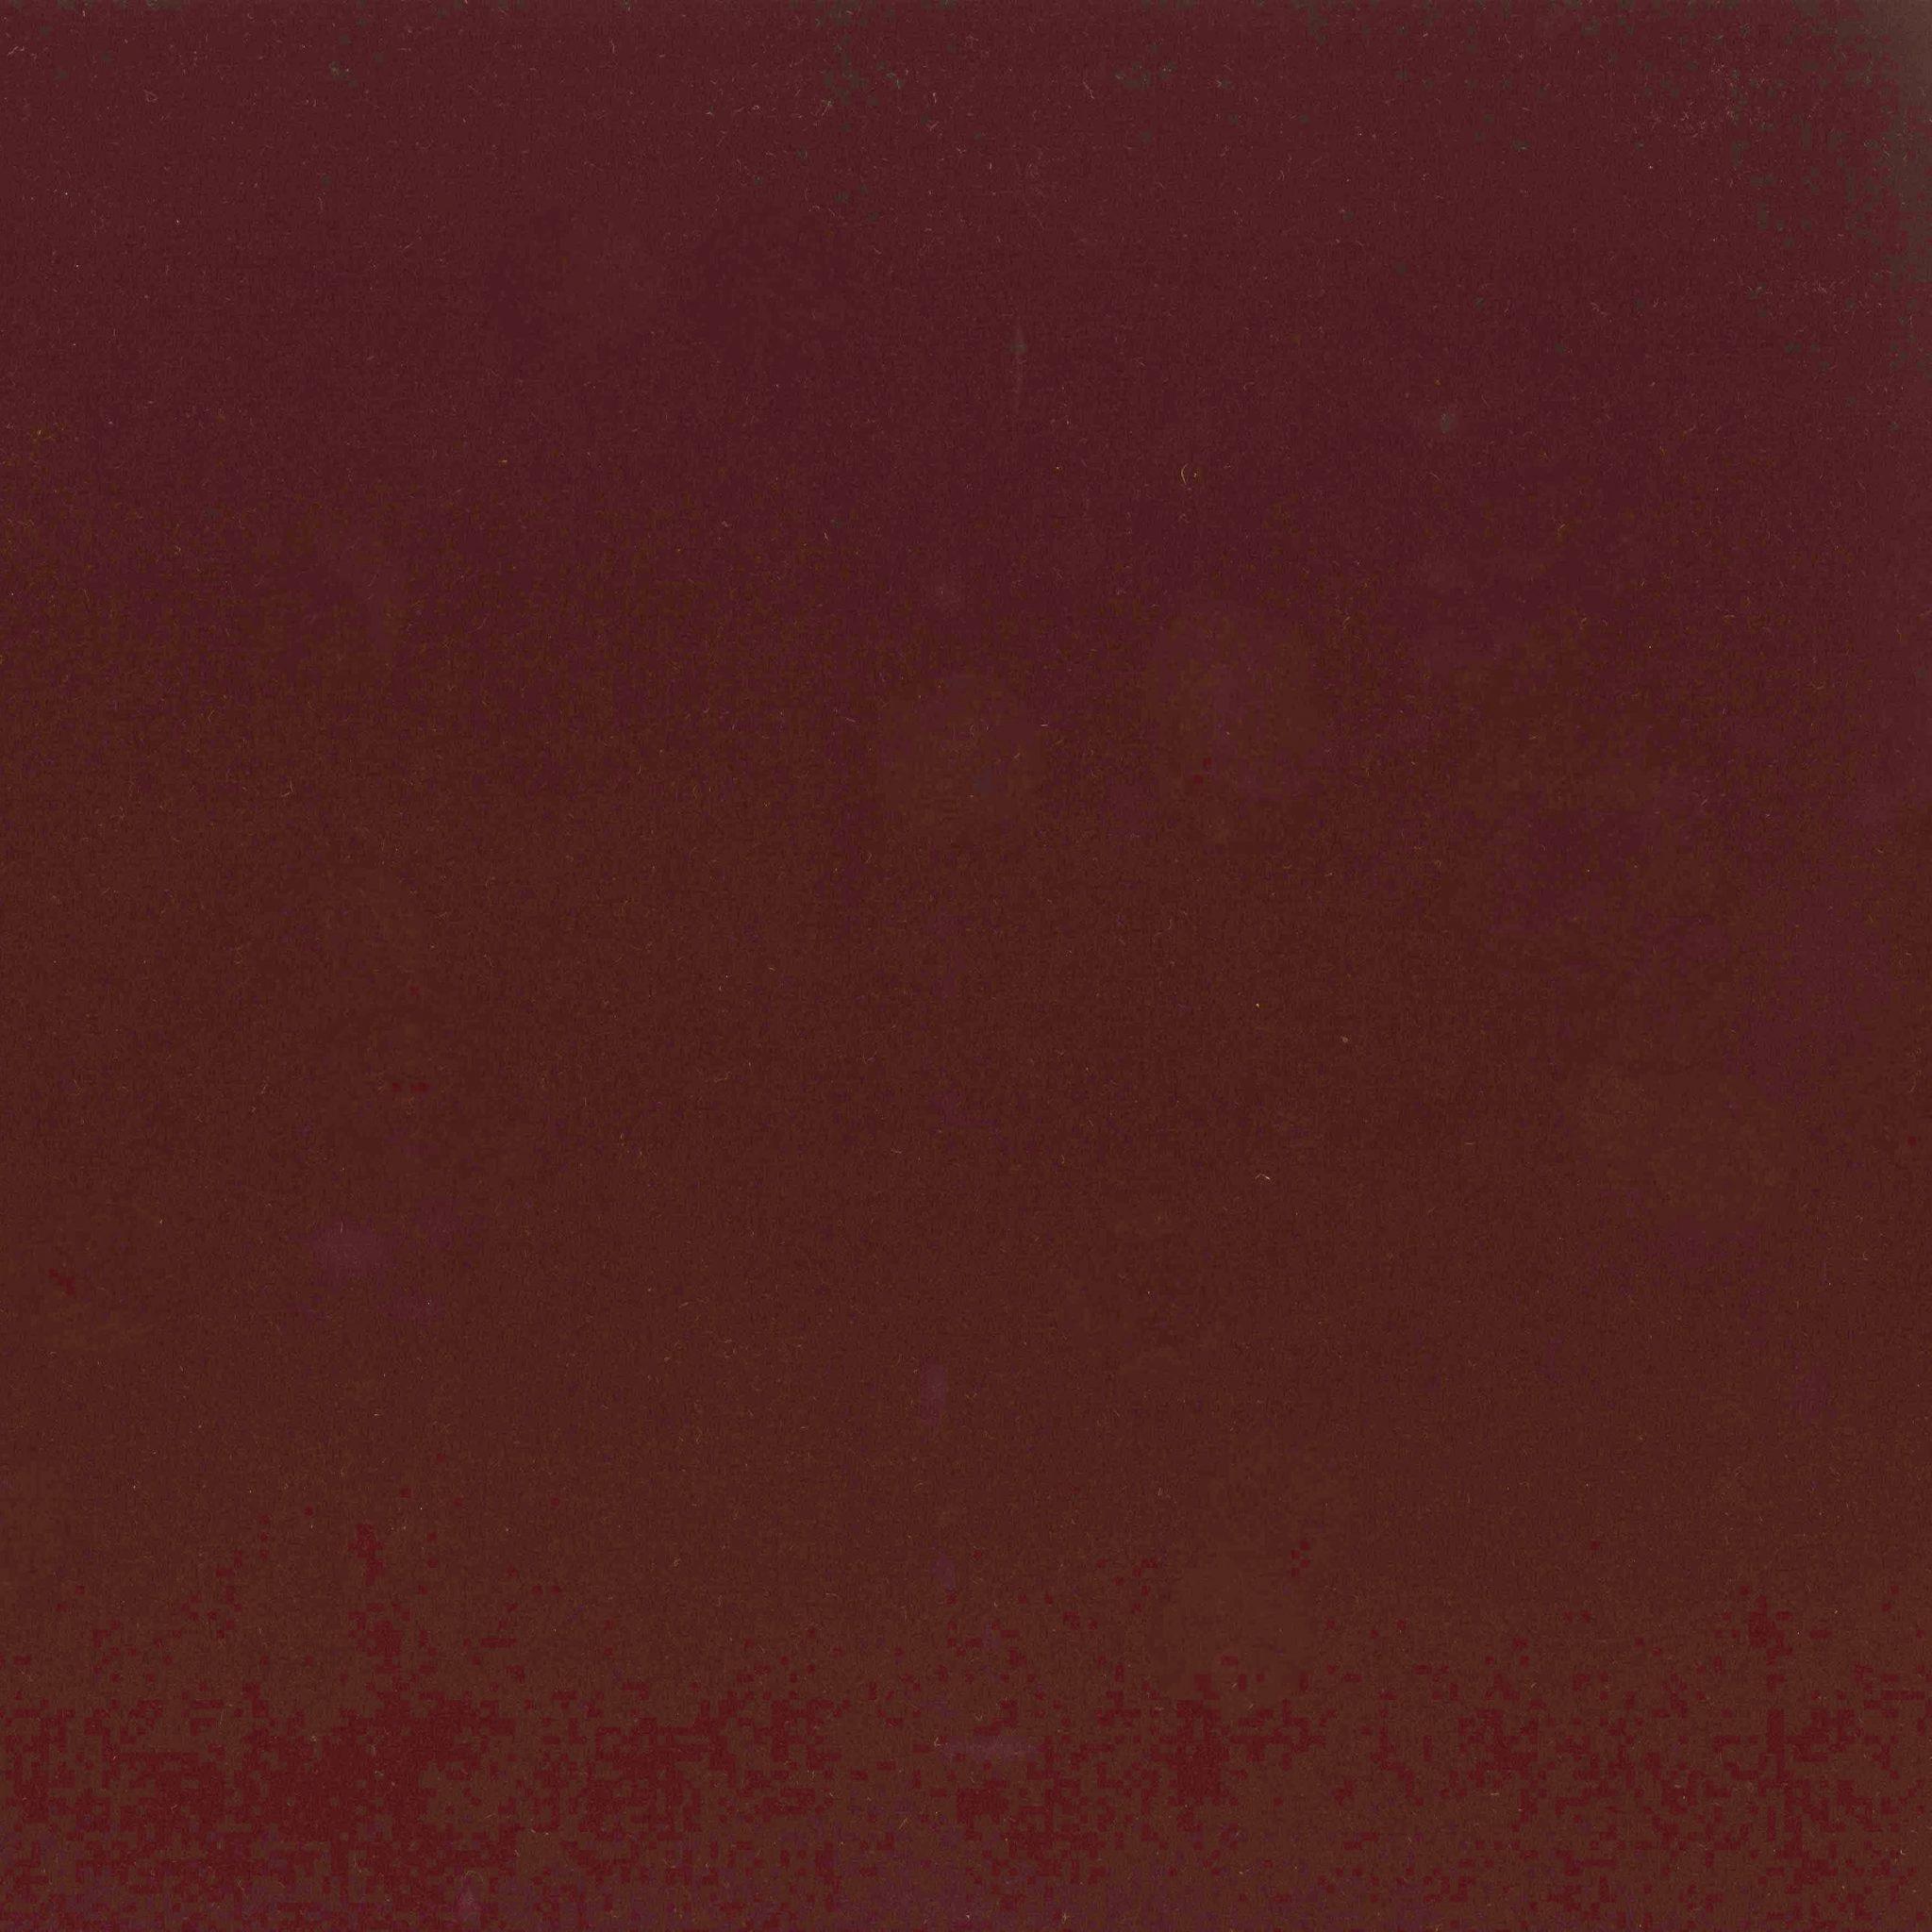 EXCL. Lario claret